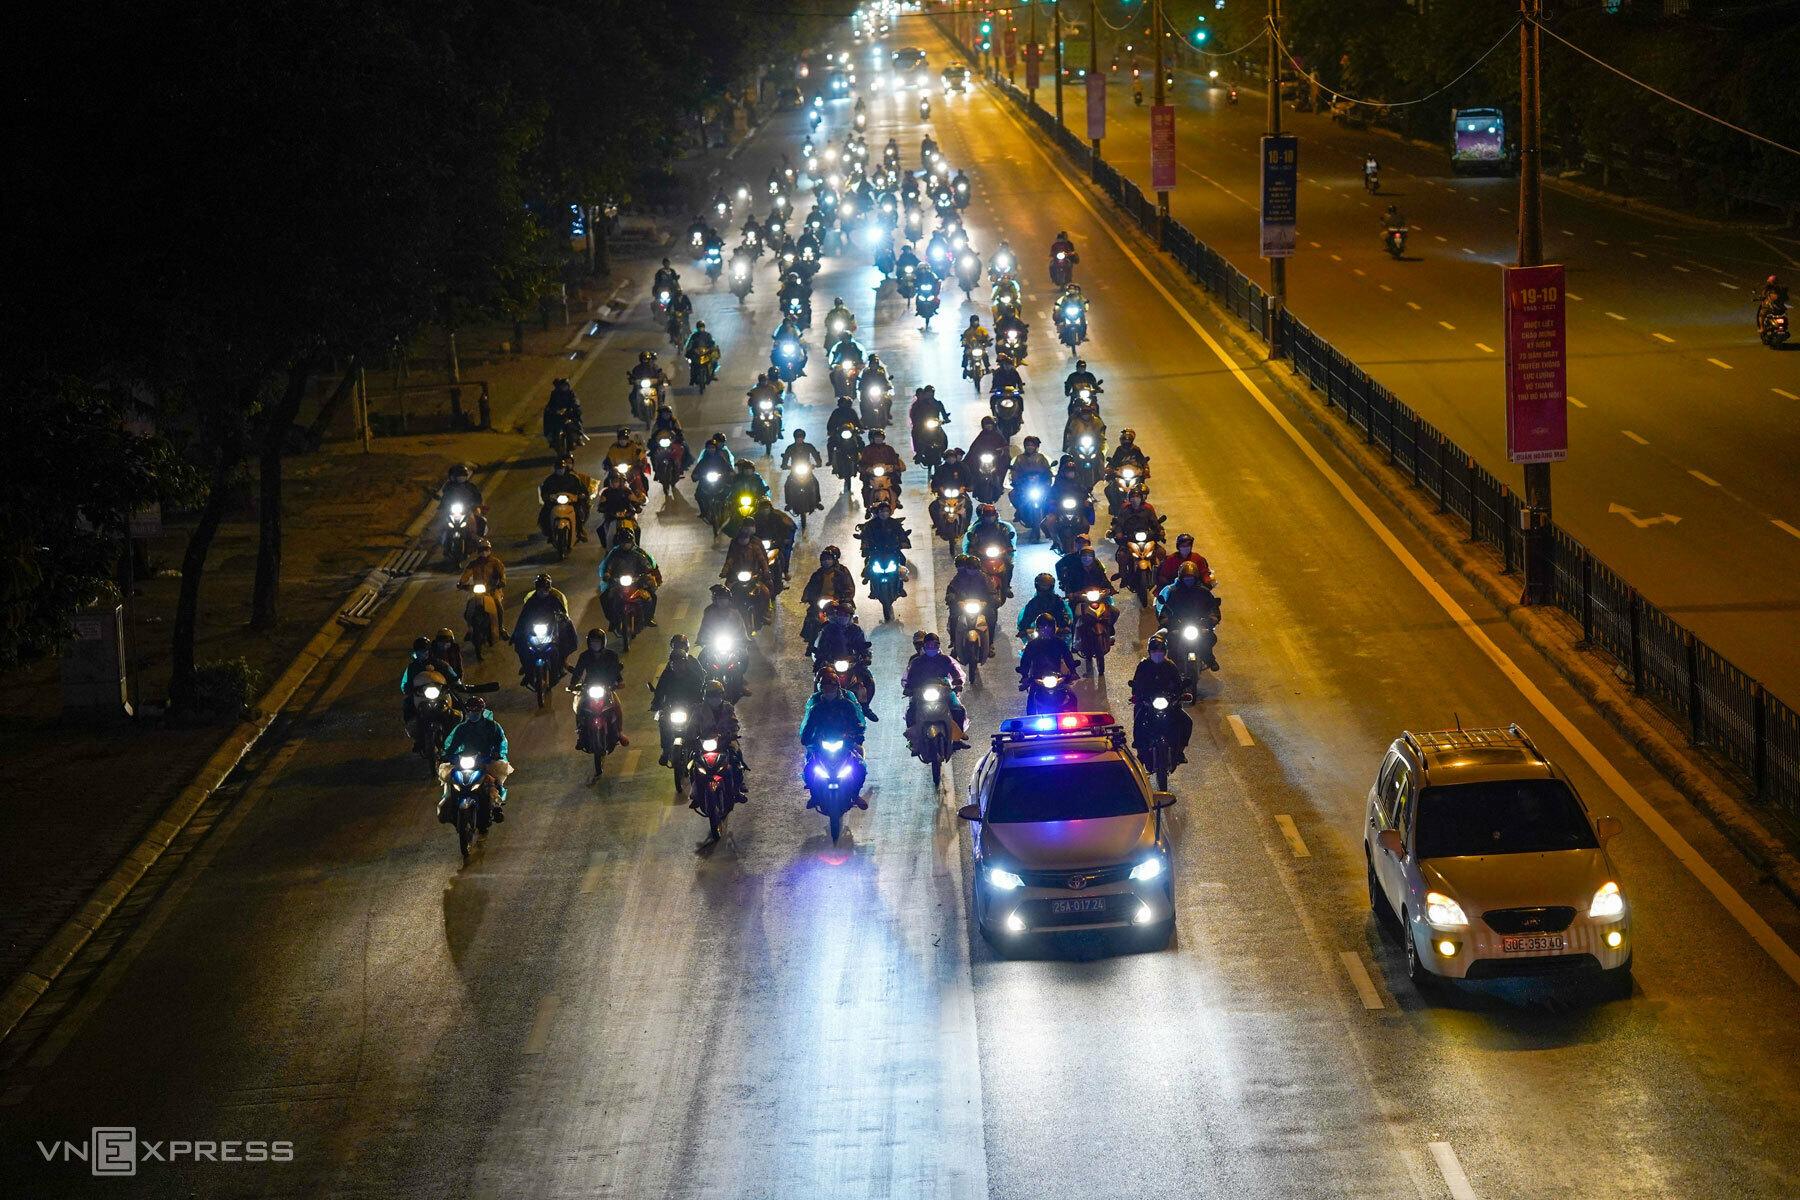 Cảnh sát giao thông Đội 8 dẫn đoàn người về quê đi xuyên thành phố Hà Nội, đêm 6/10. Ảnh: Phạm Chiểu